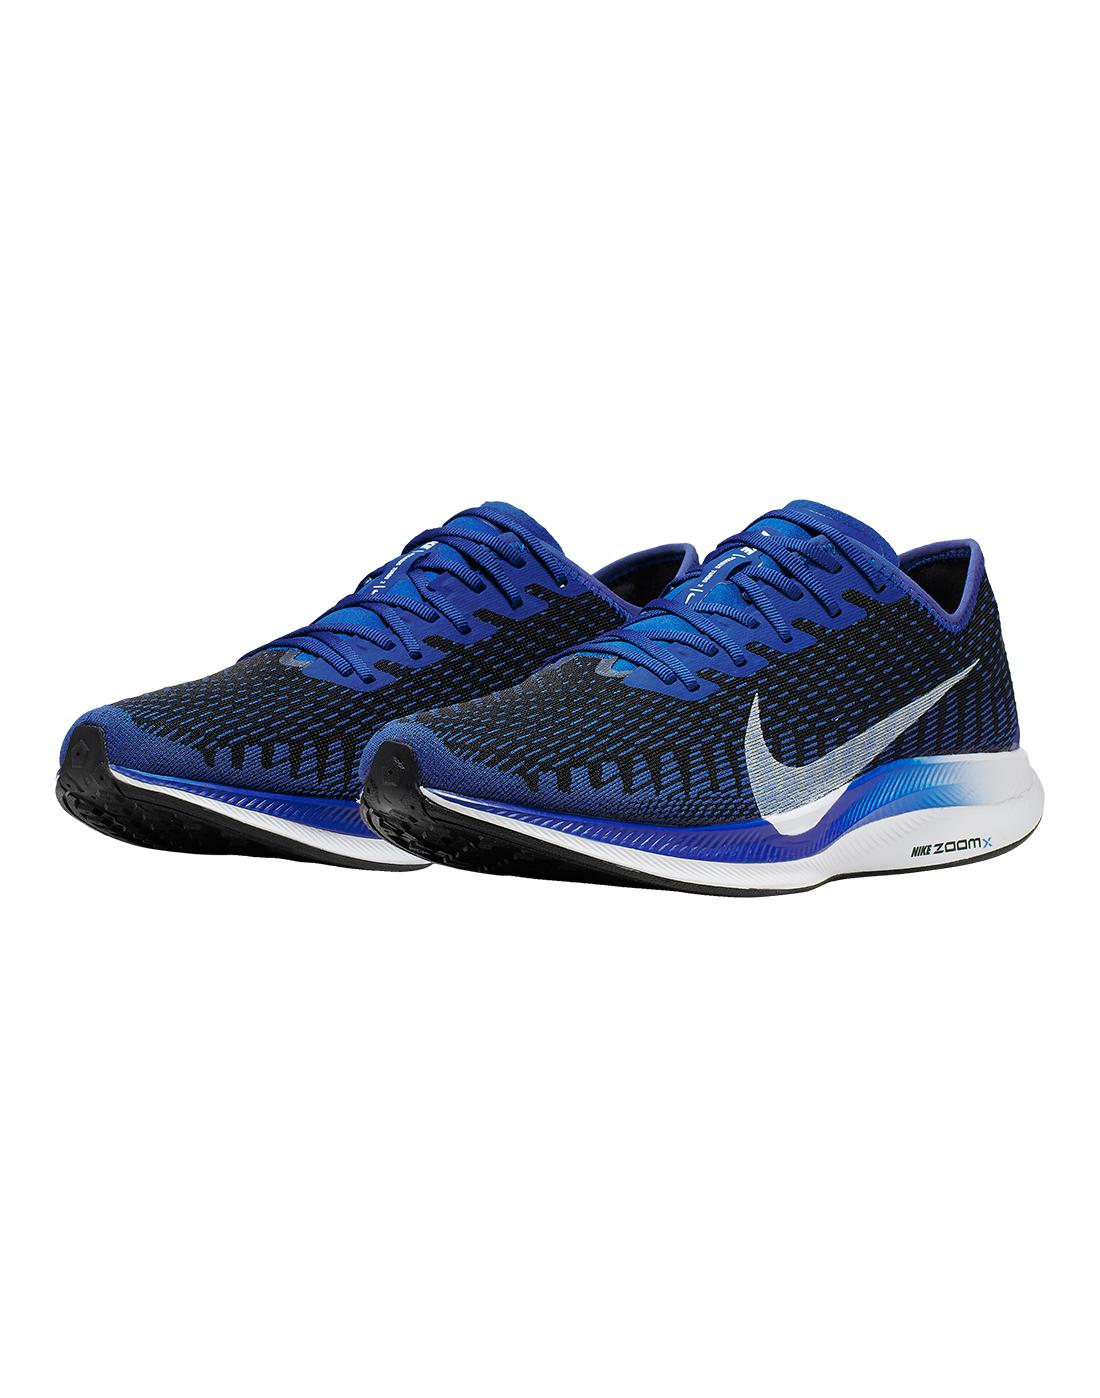 quality design bc353 4a4be Nike Mens Zoom Pegasus Turbo 2